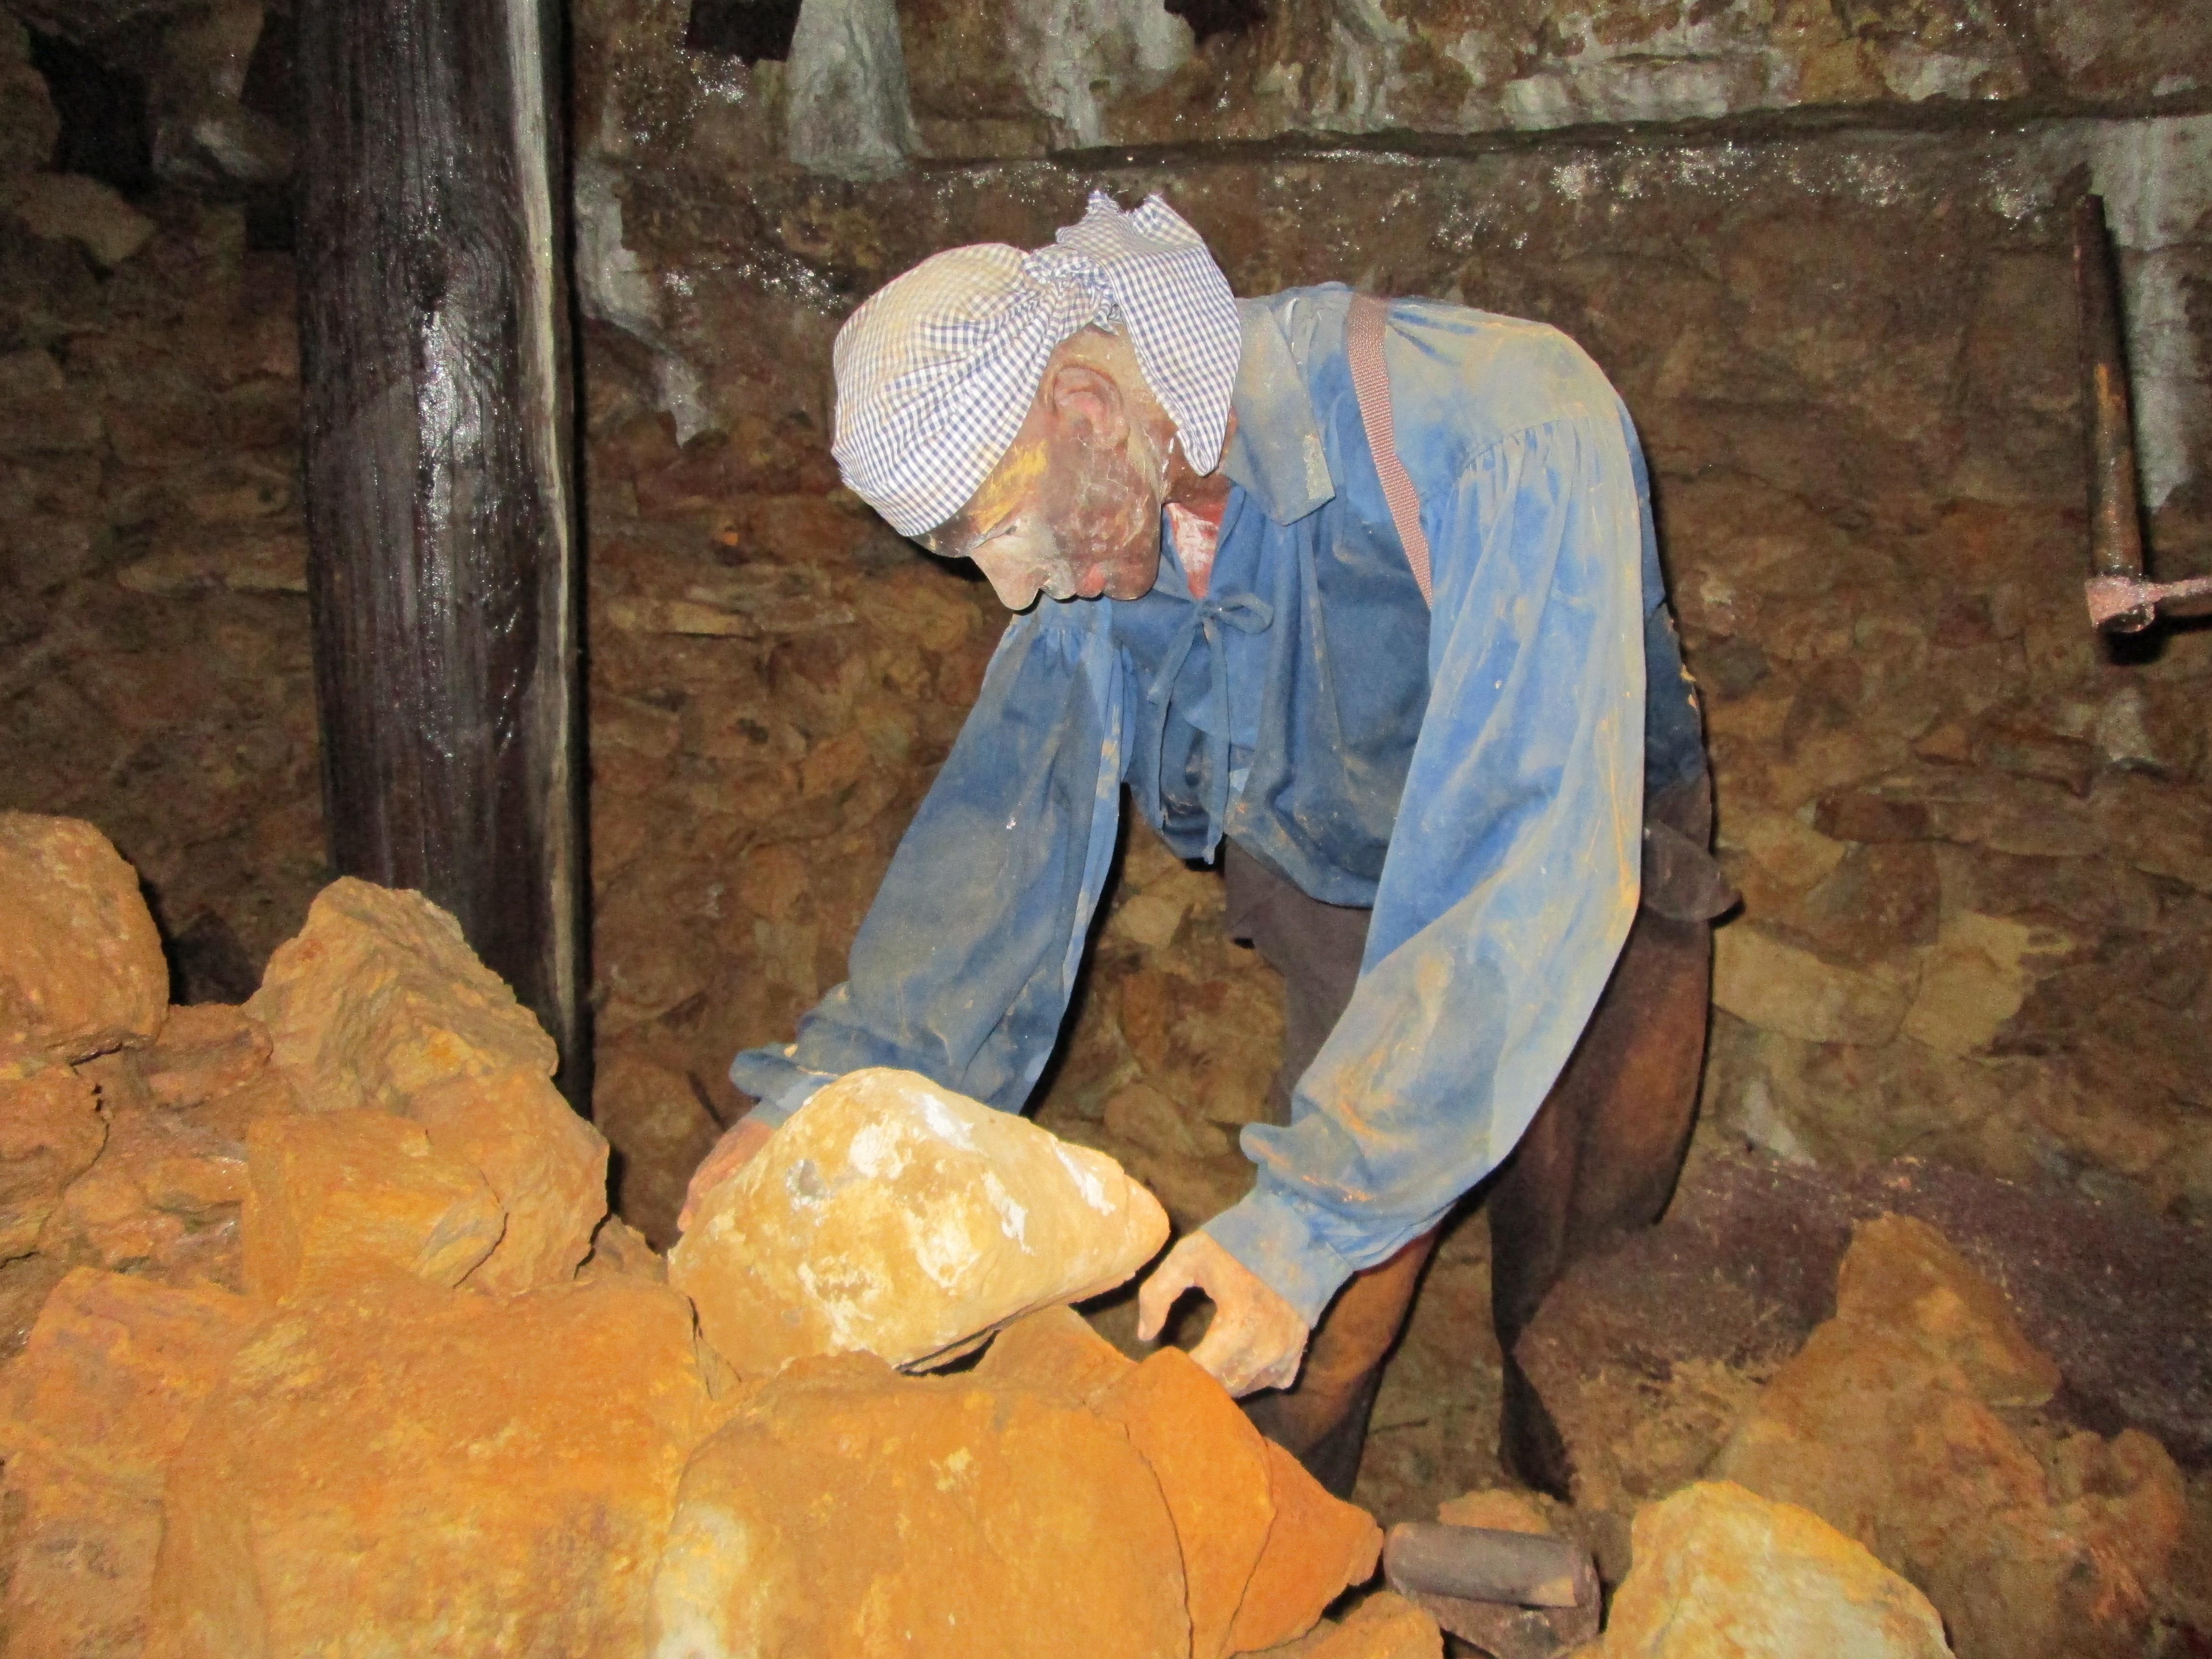 Mining Museum, Platteville